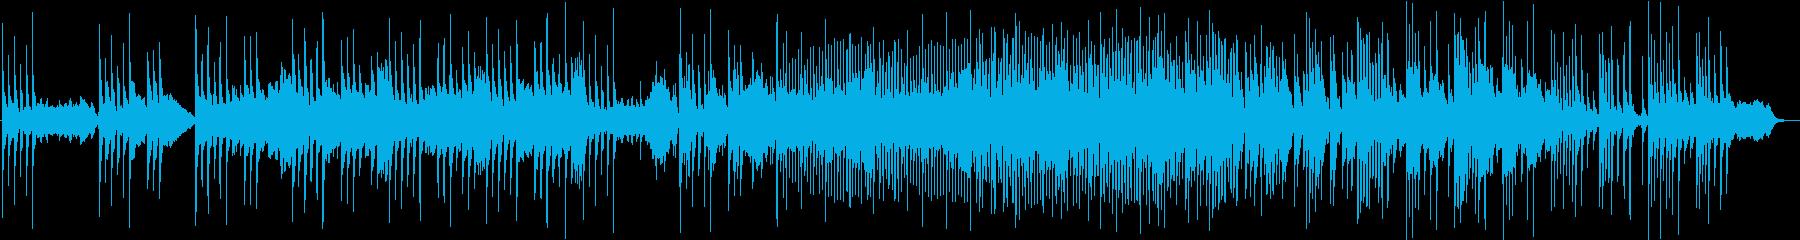 アンティークなピアノ。癒しの音楽の再生済みの波形